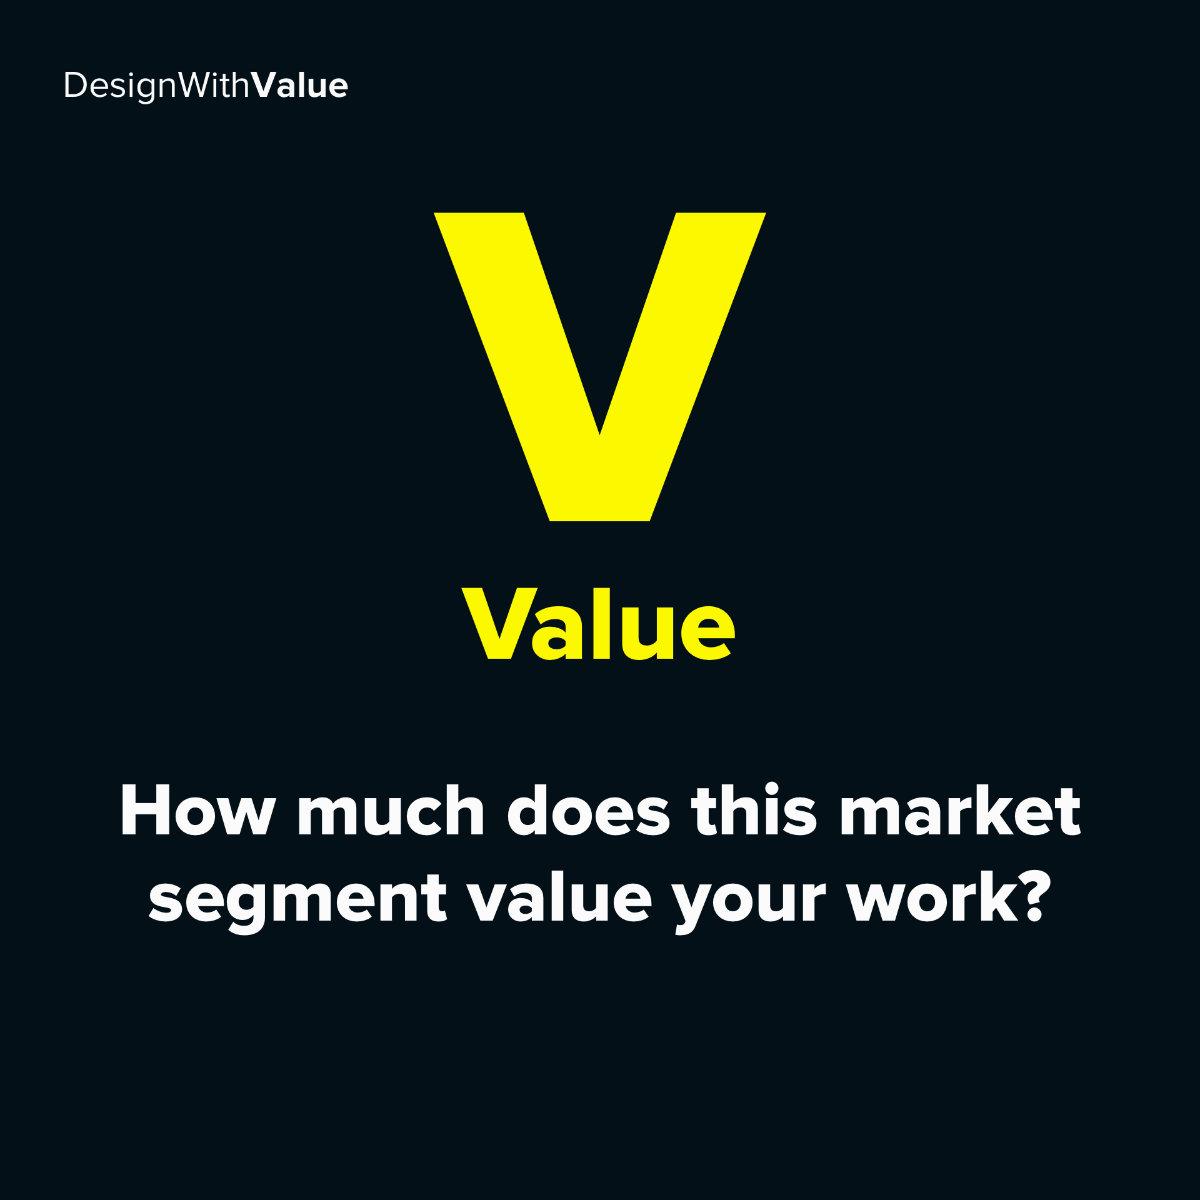 V = Value